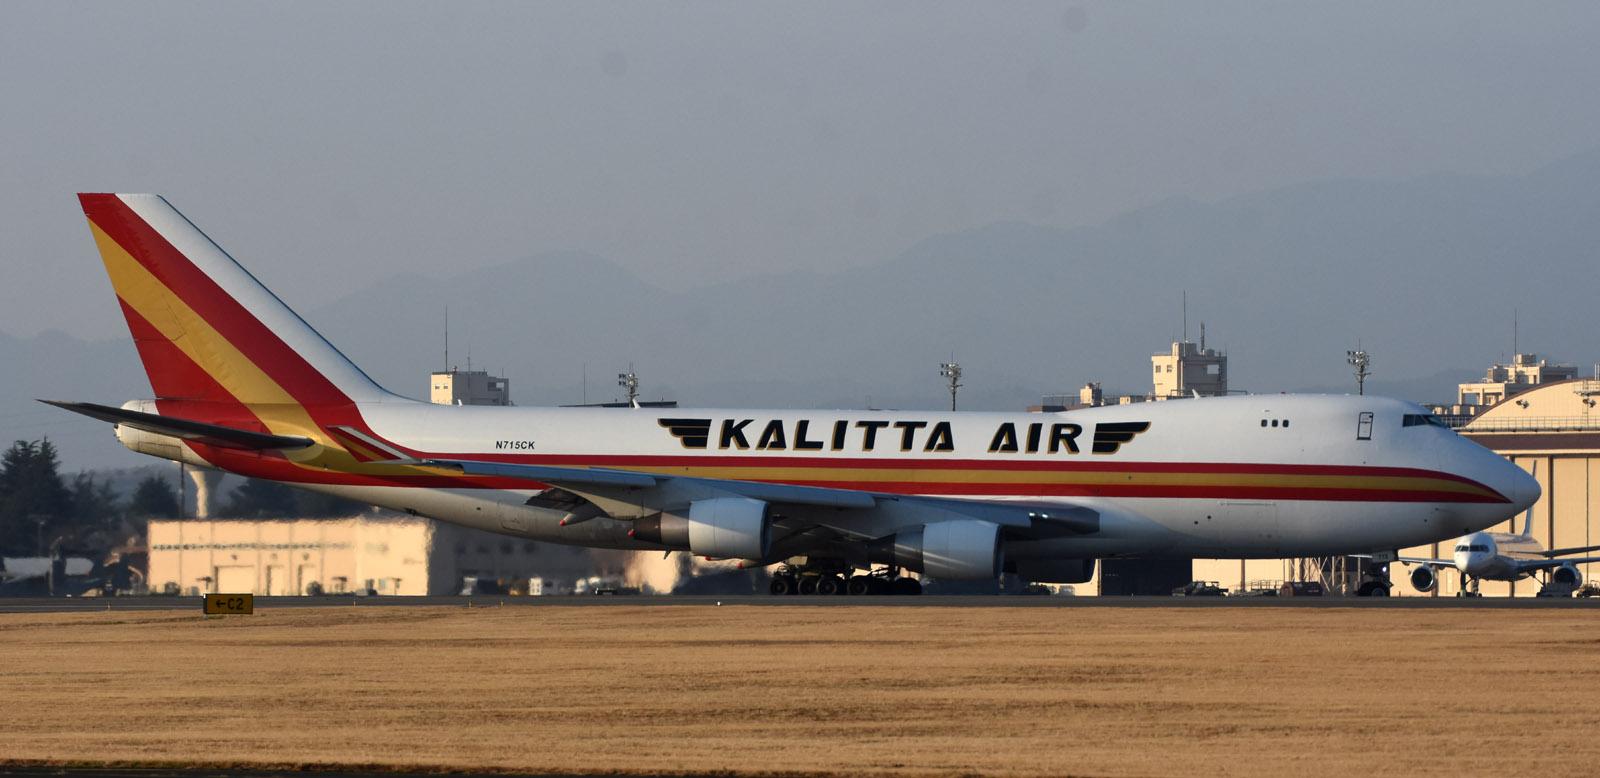 Kalitta190302g042